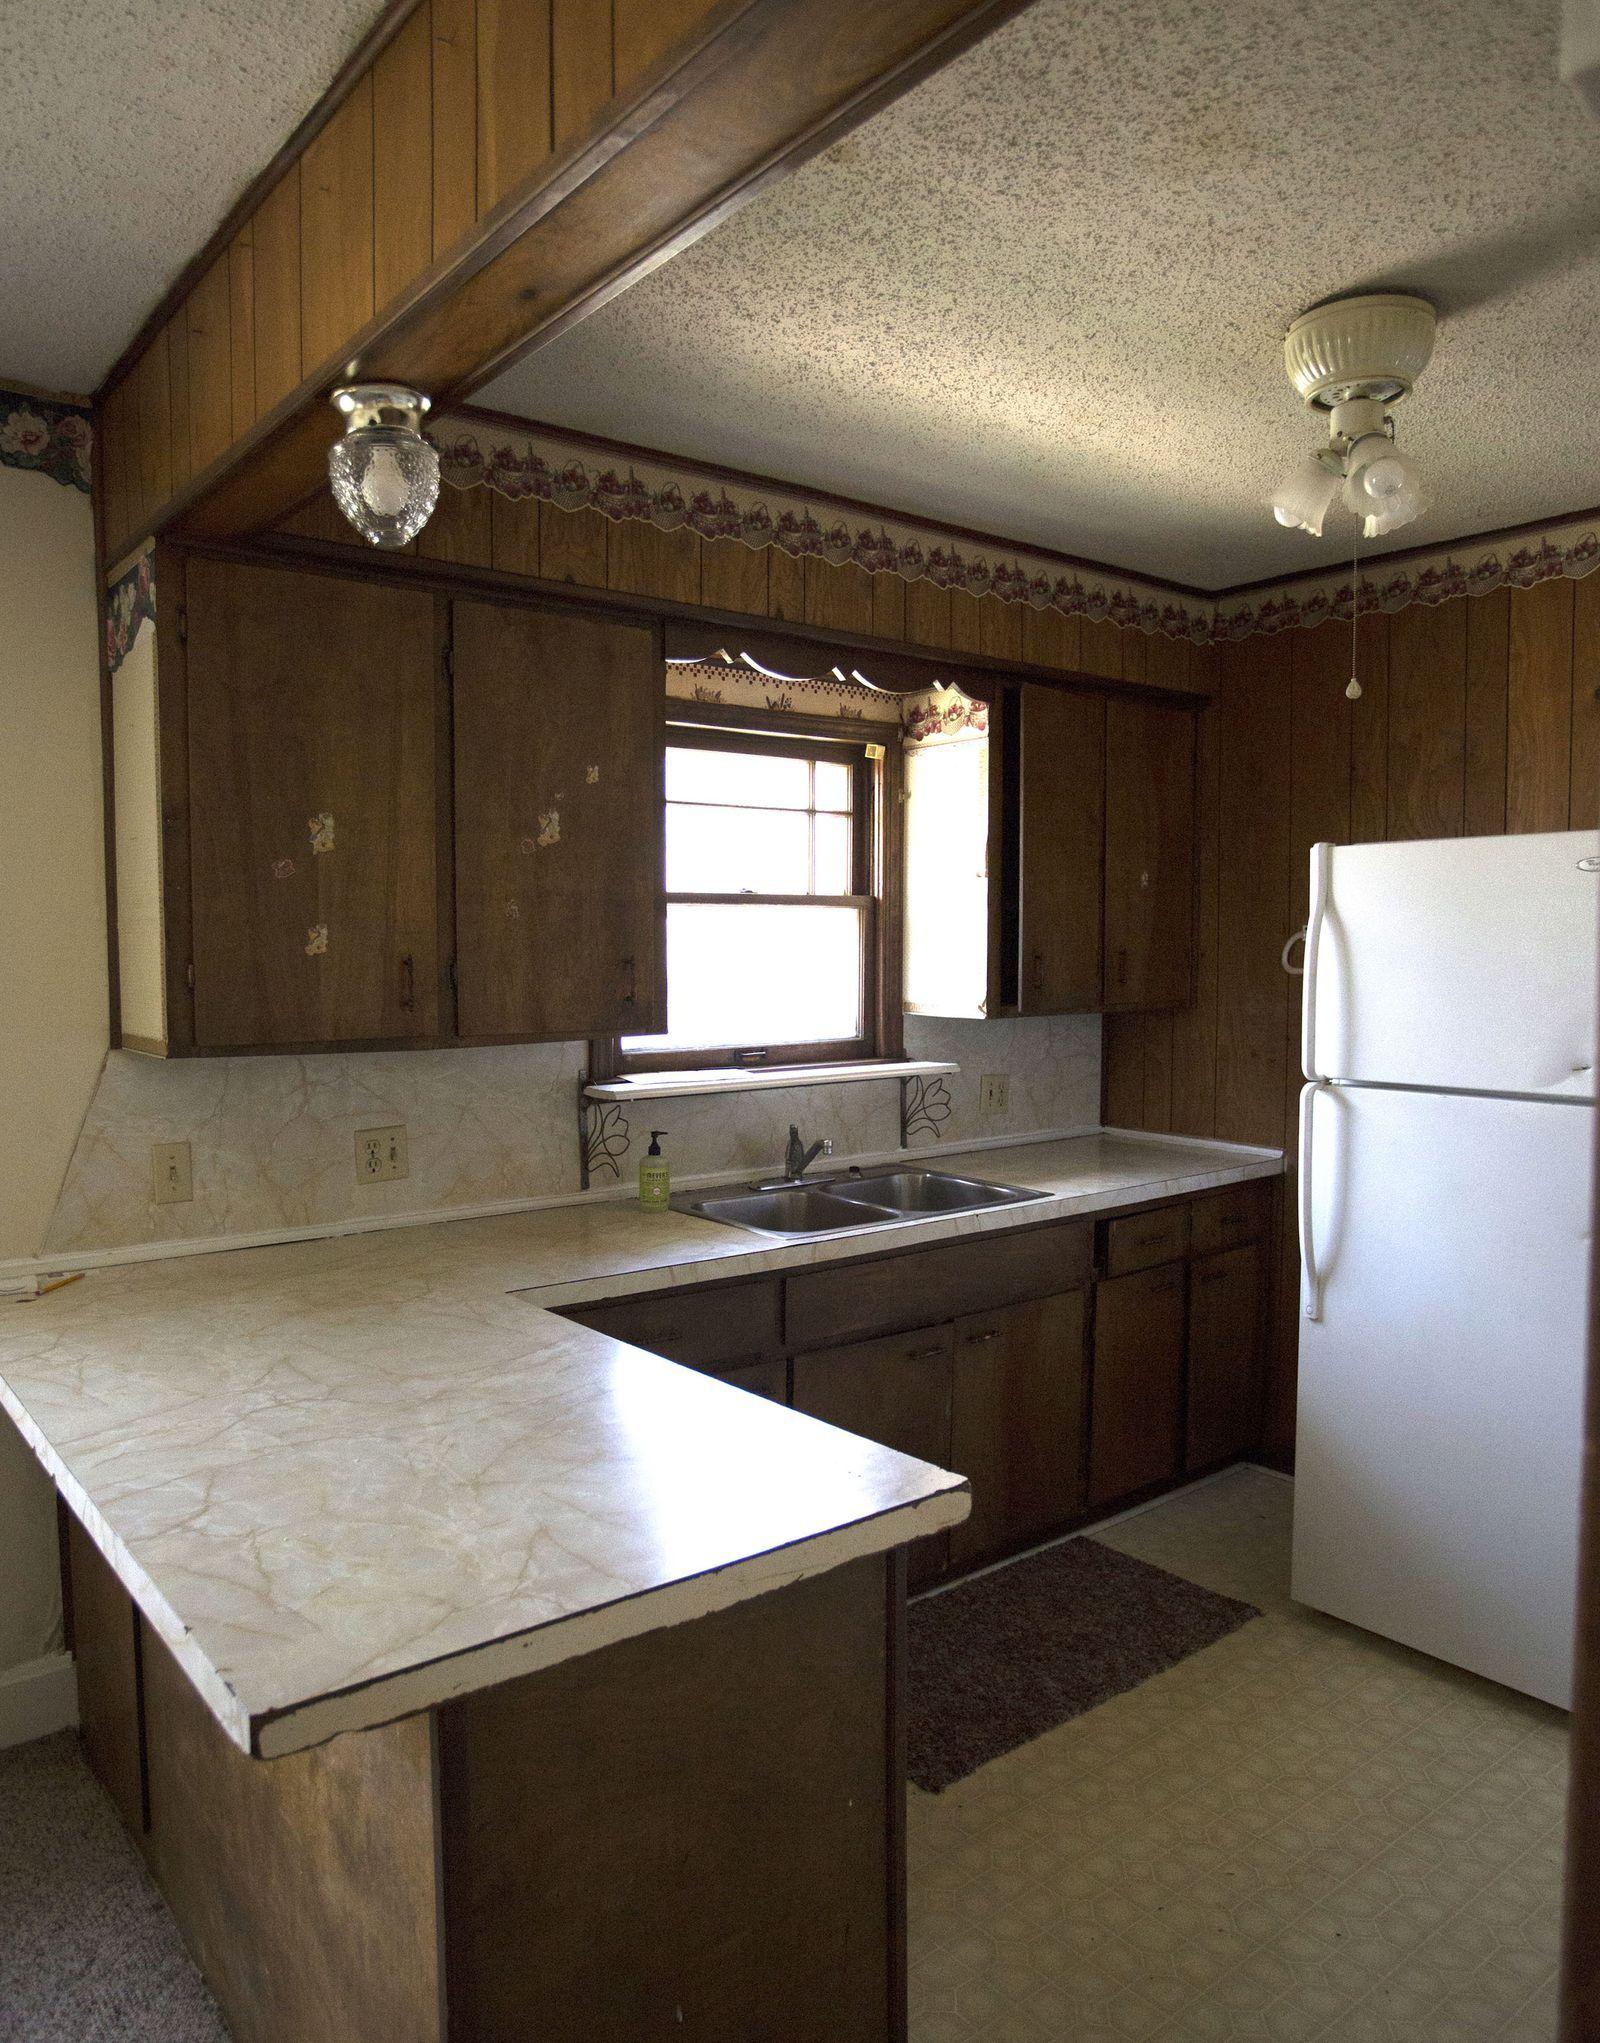 14 Times White Kitchen Cabinets Transformed A Space #darkkitchencabinets